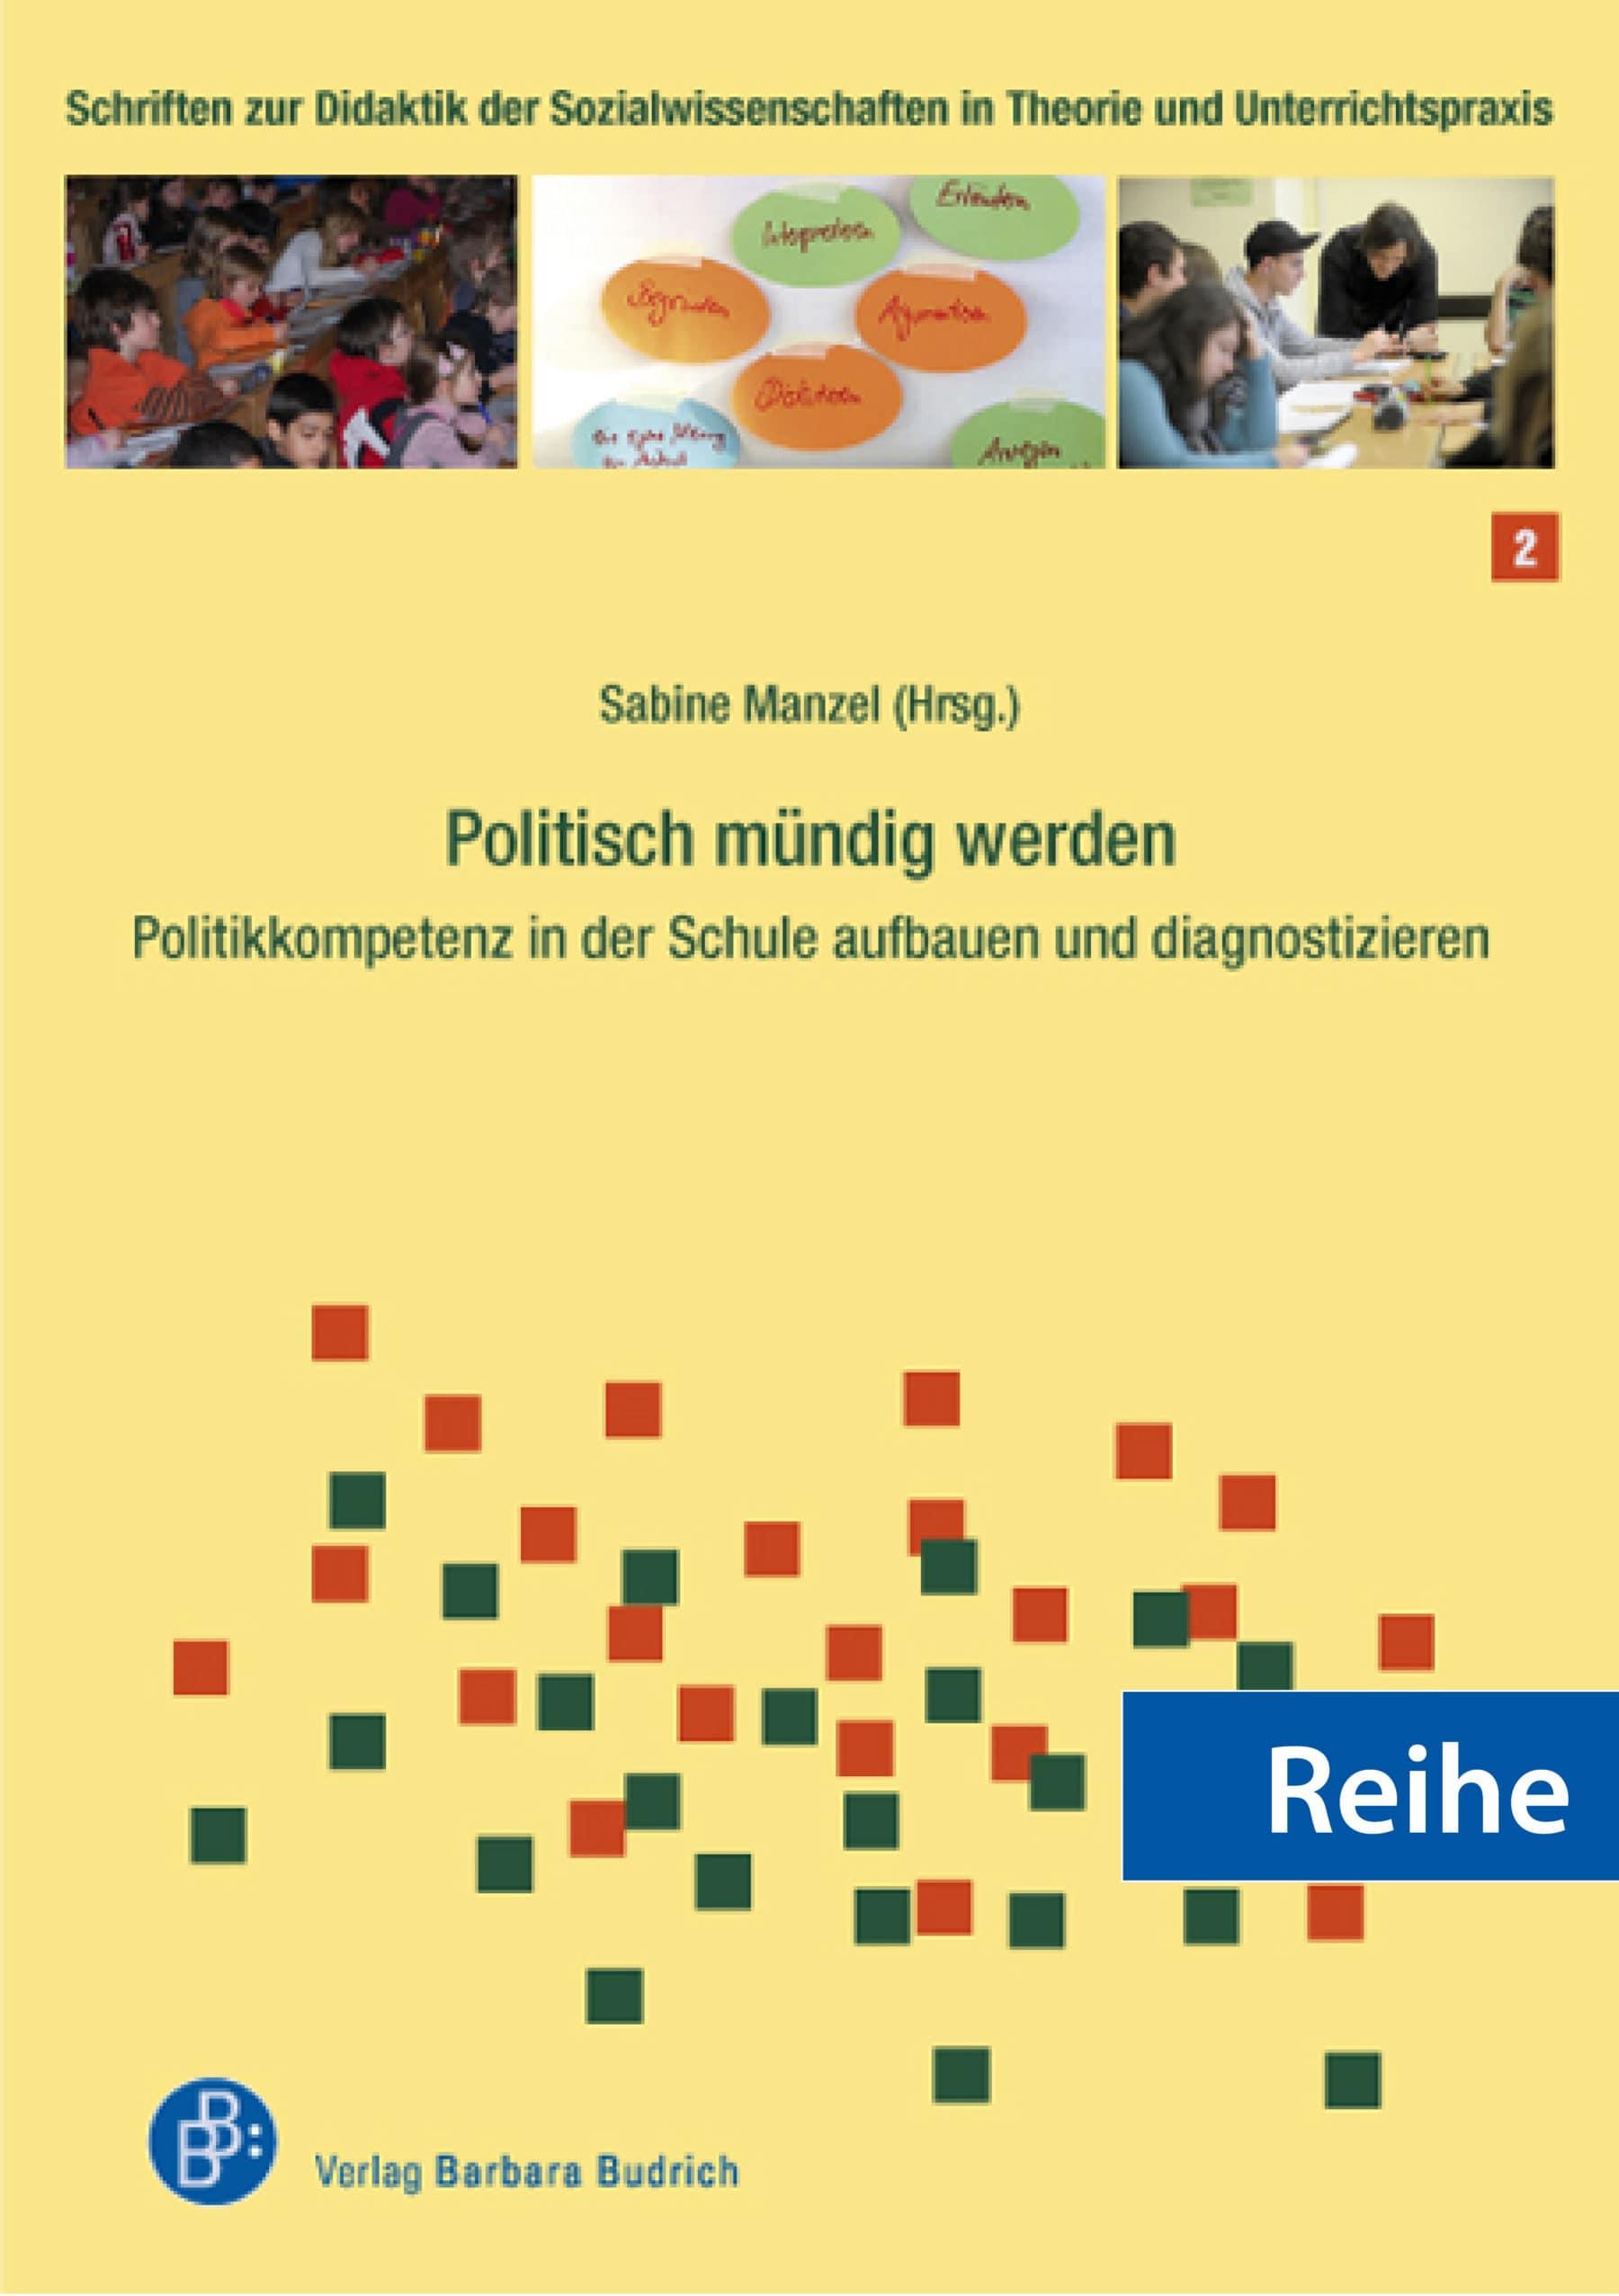 Schriften zur Didaktik der Sozialwissenschaften in Theorie und Unterrichtspraxis